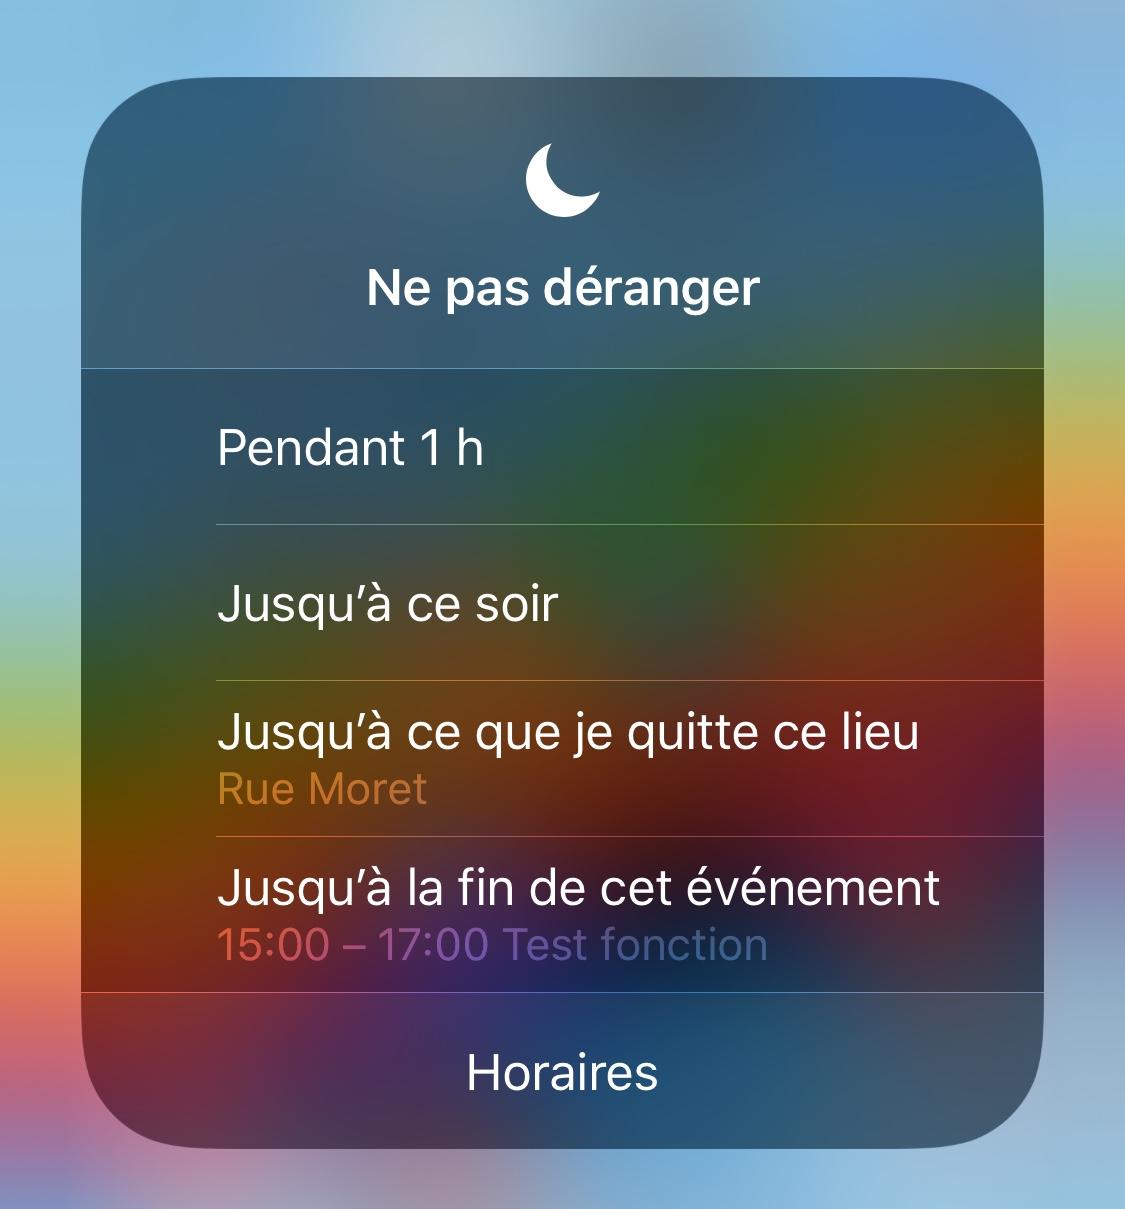 """iOS 12 : comment utiliser les nouveaux modes de la fonction """"Ne pas déranger"""" 1"""